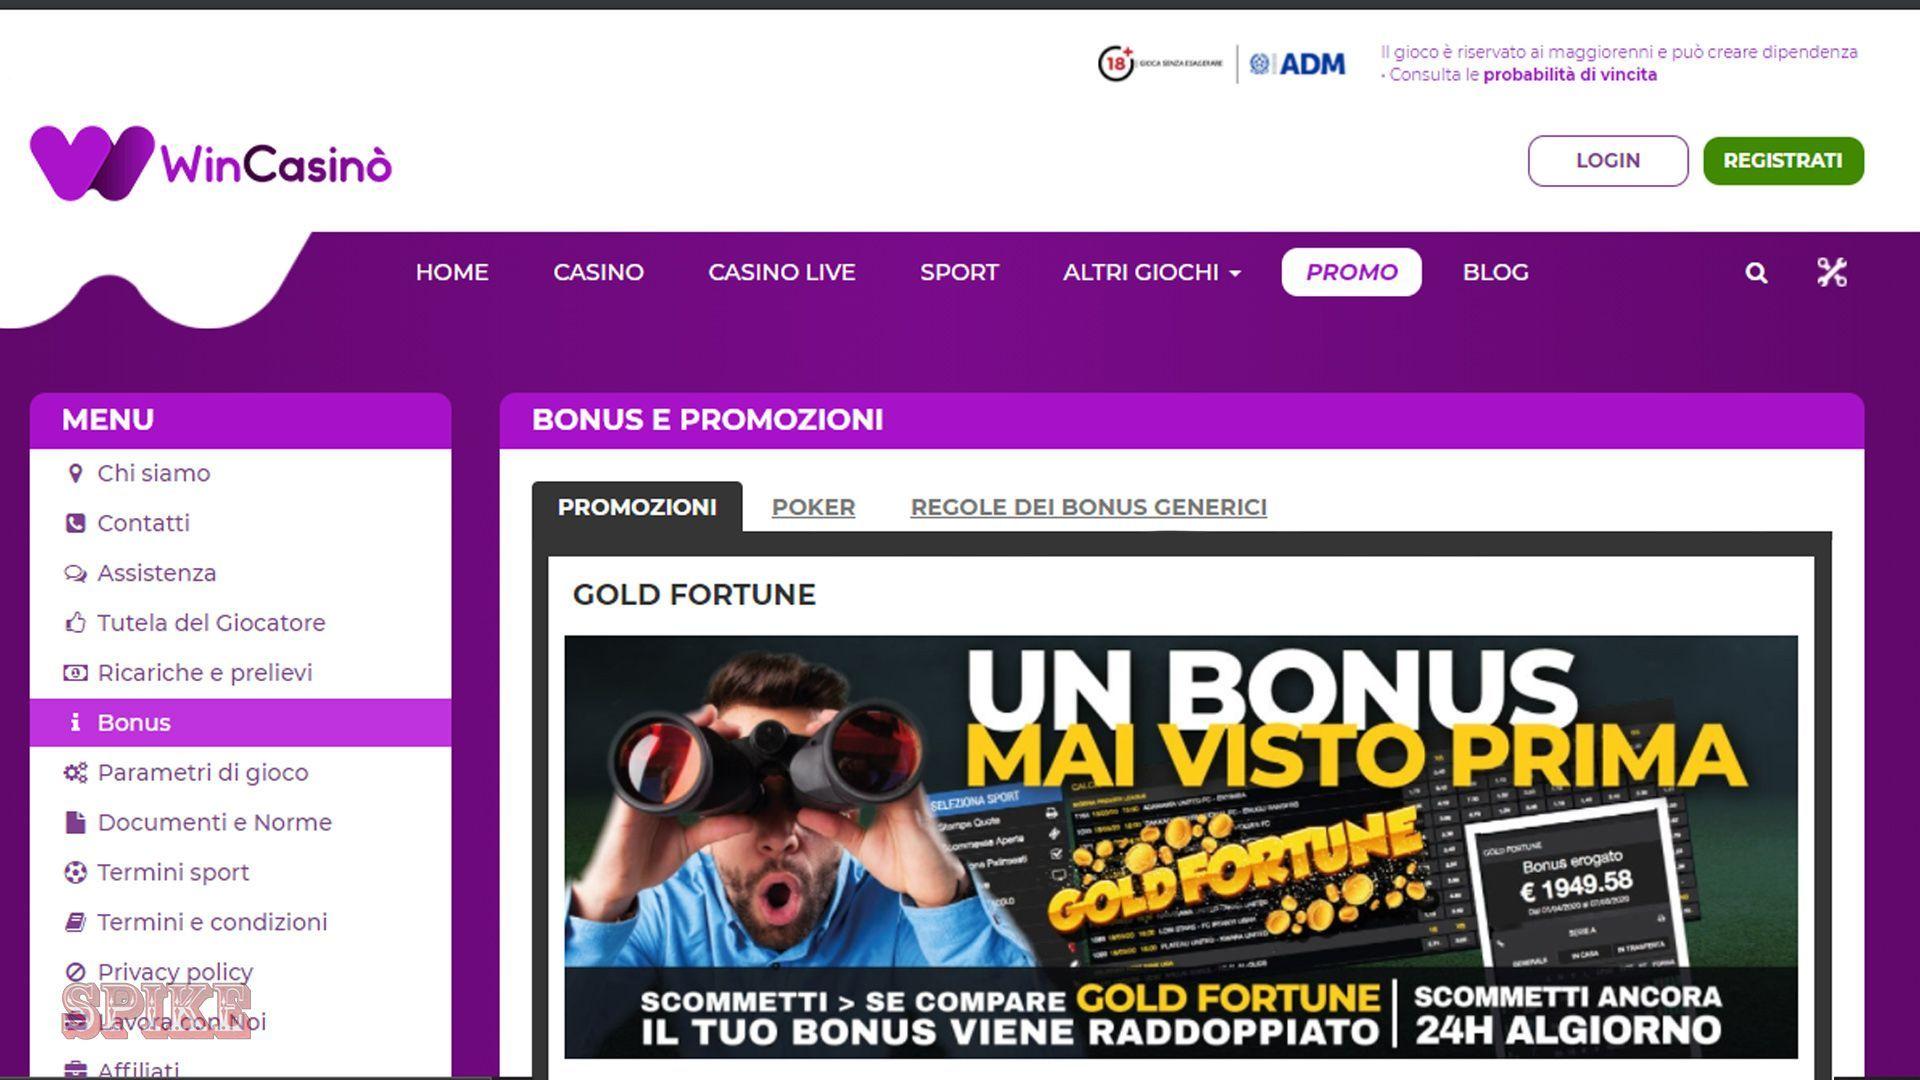 WinCasino Pagina Promozioni Bonus Screen